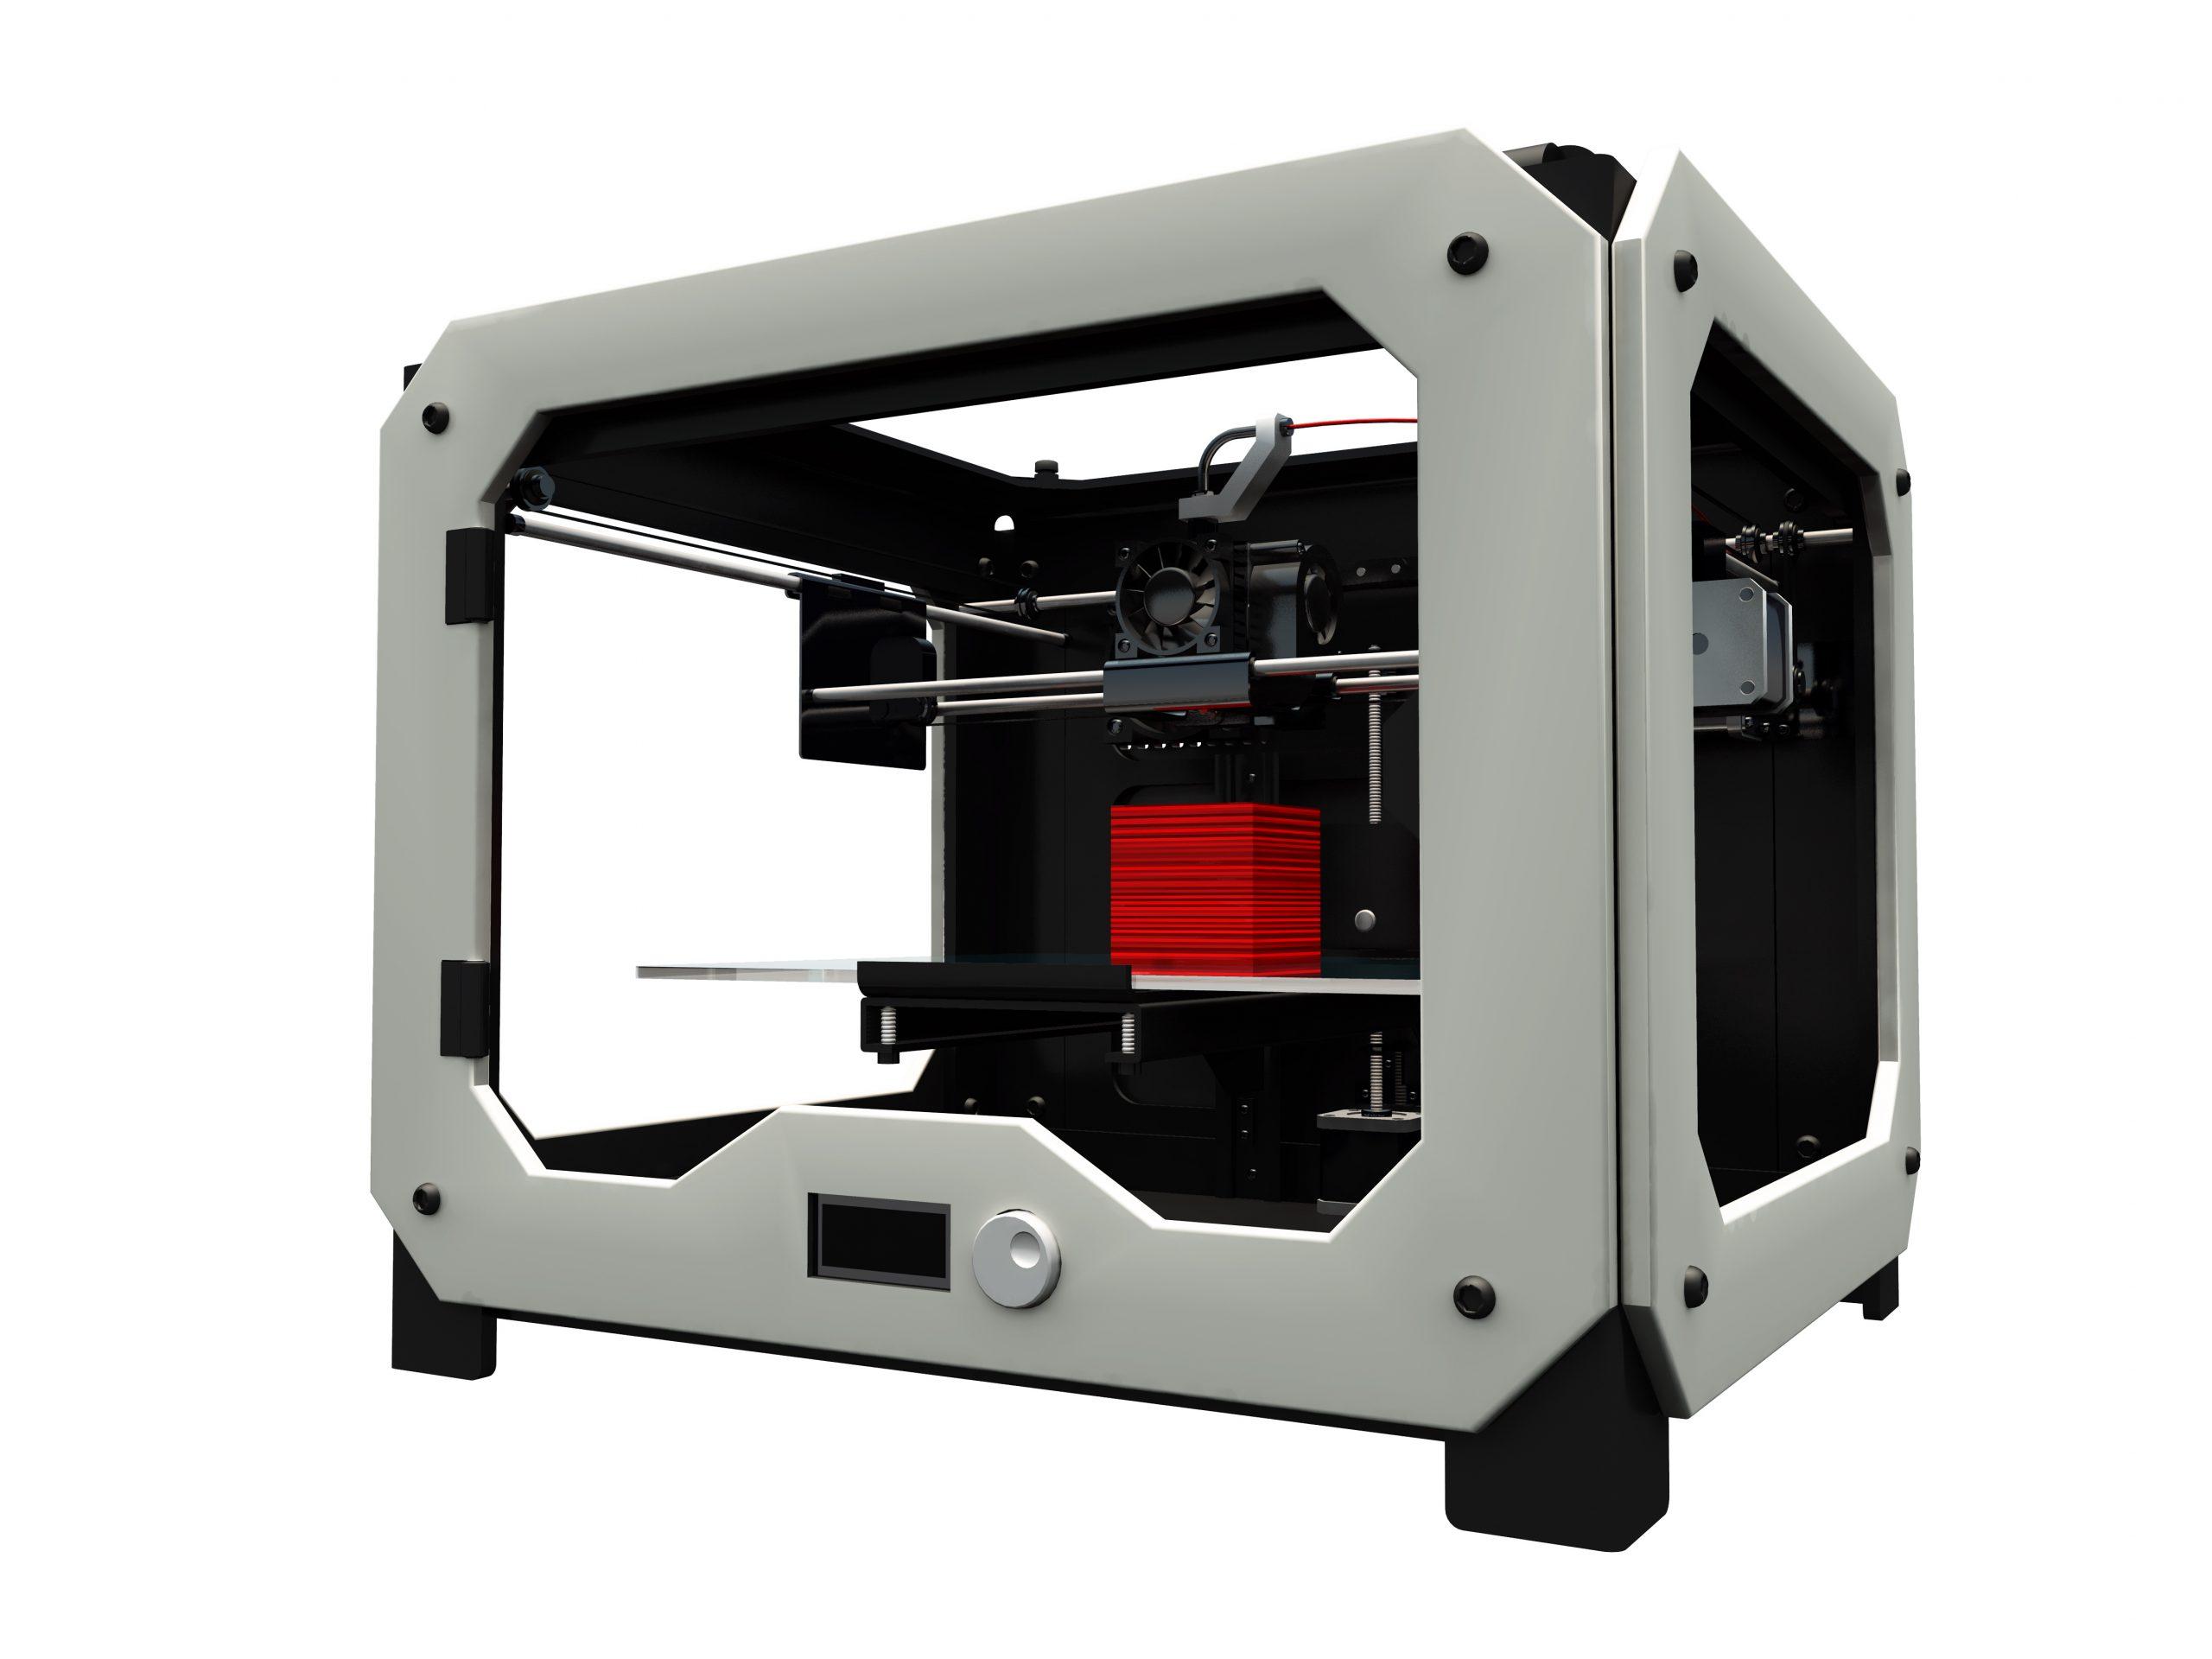 3Dプリンターって何?家も作れるって本当?